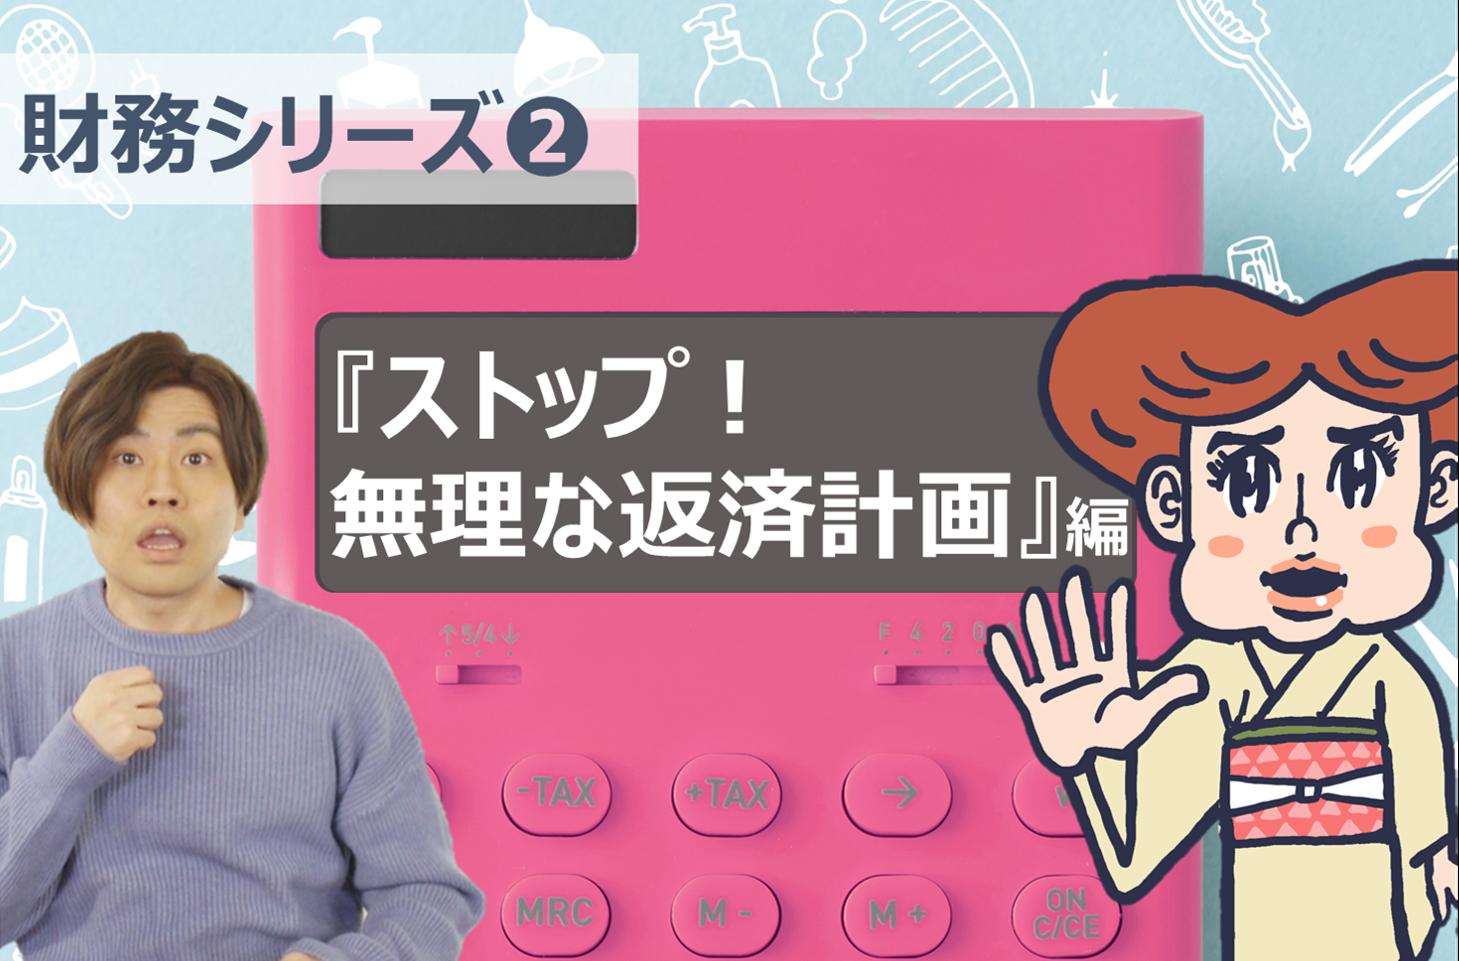 財務シリーズ②ストップ!無理な返済計画